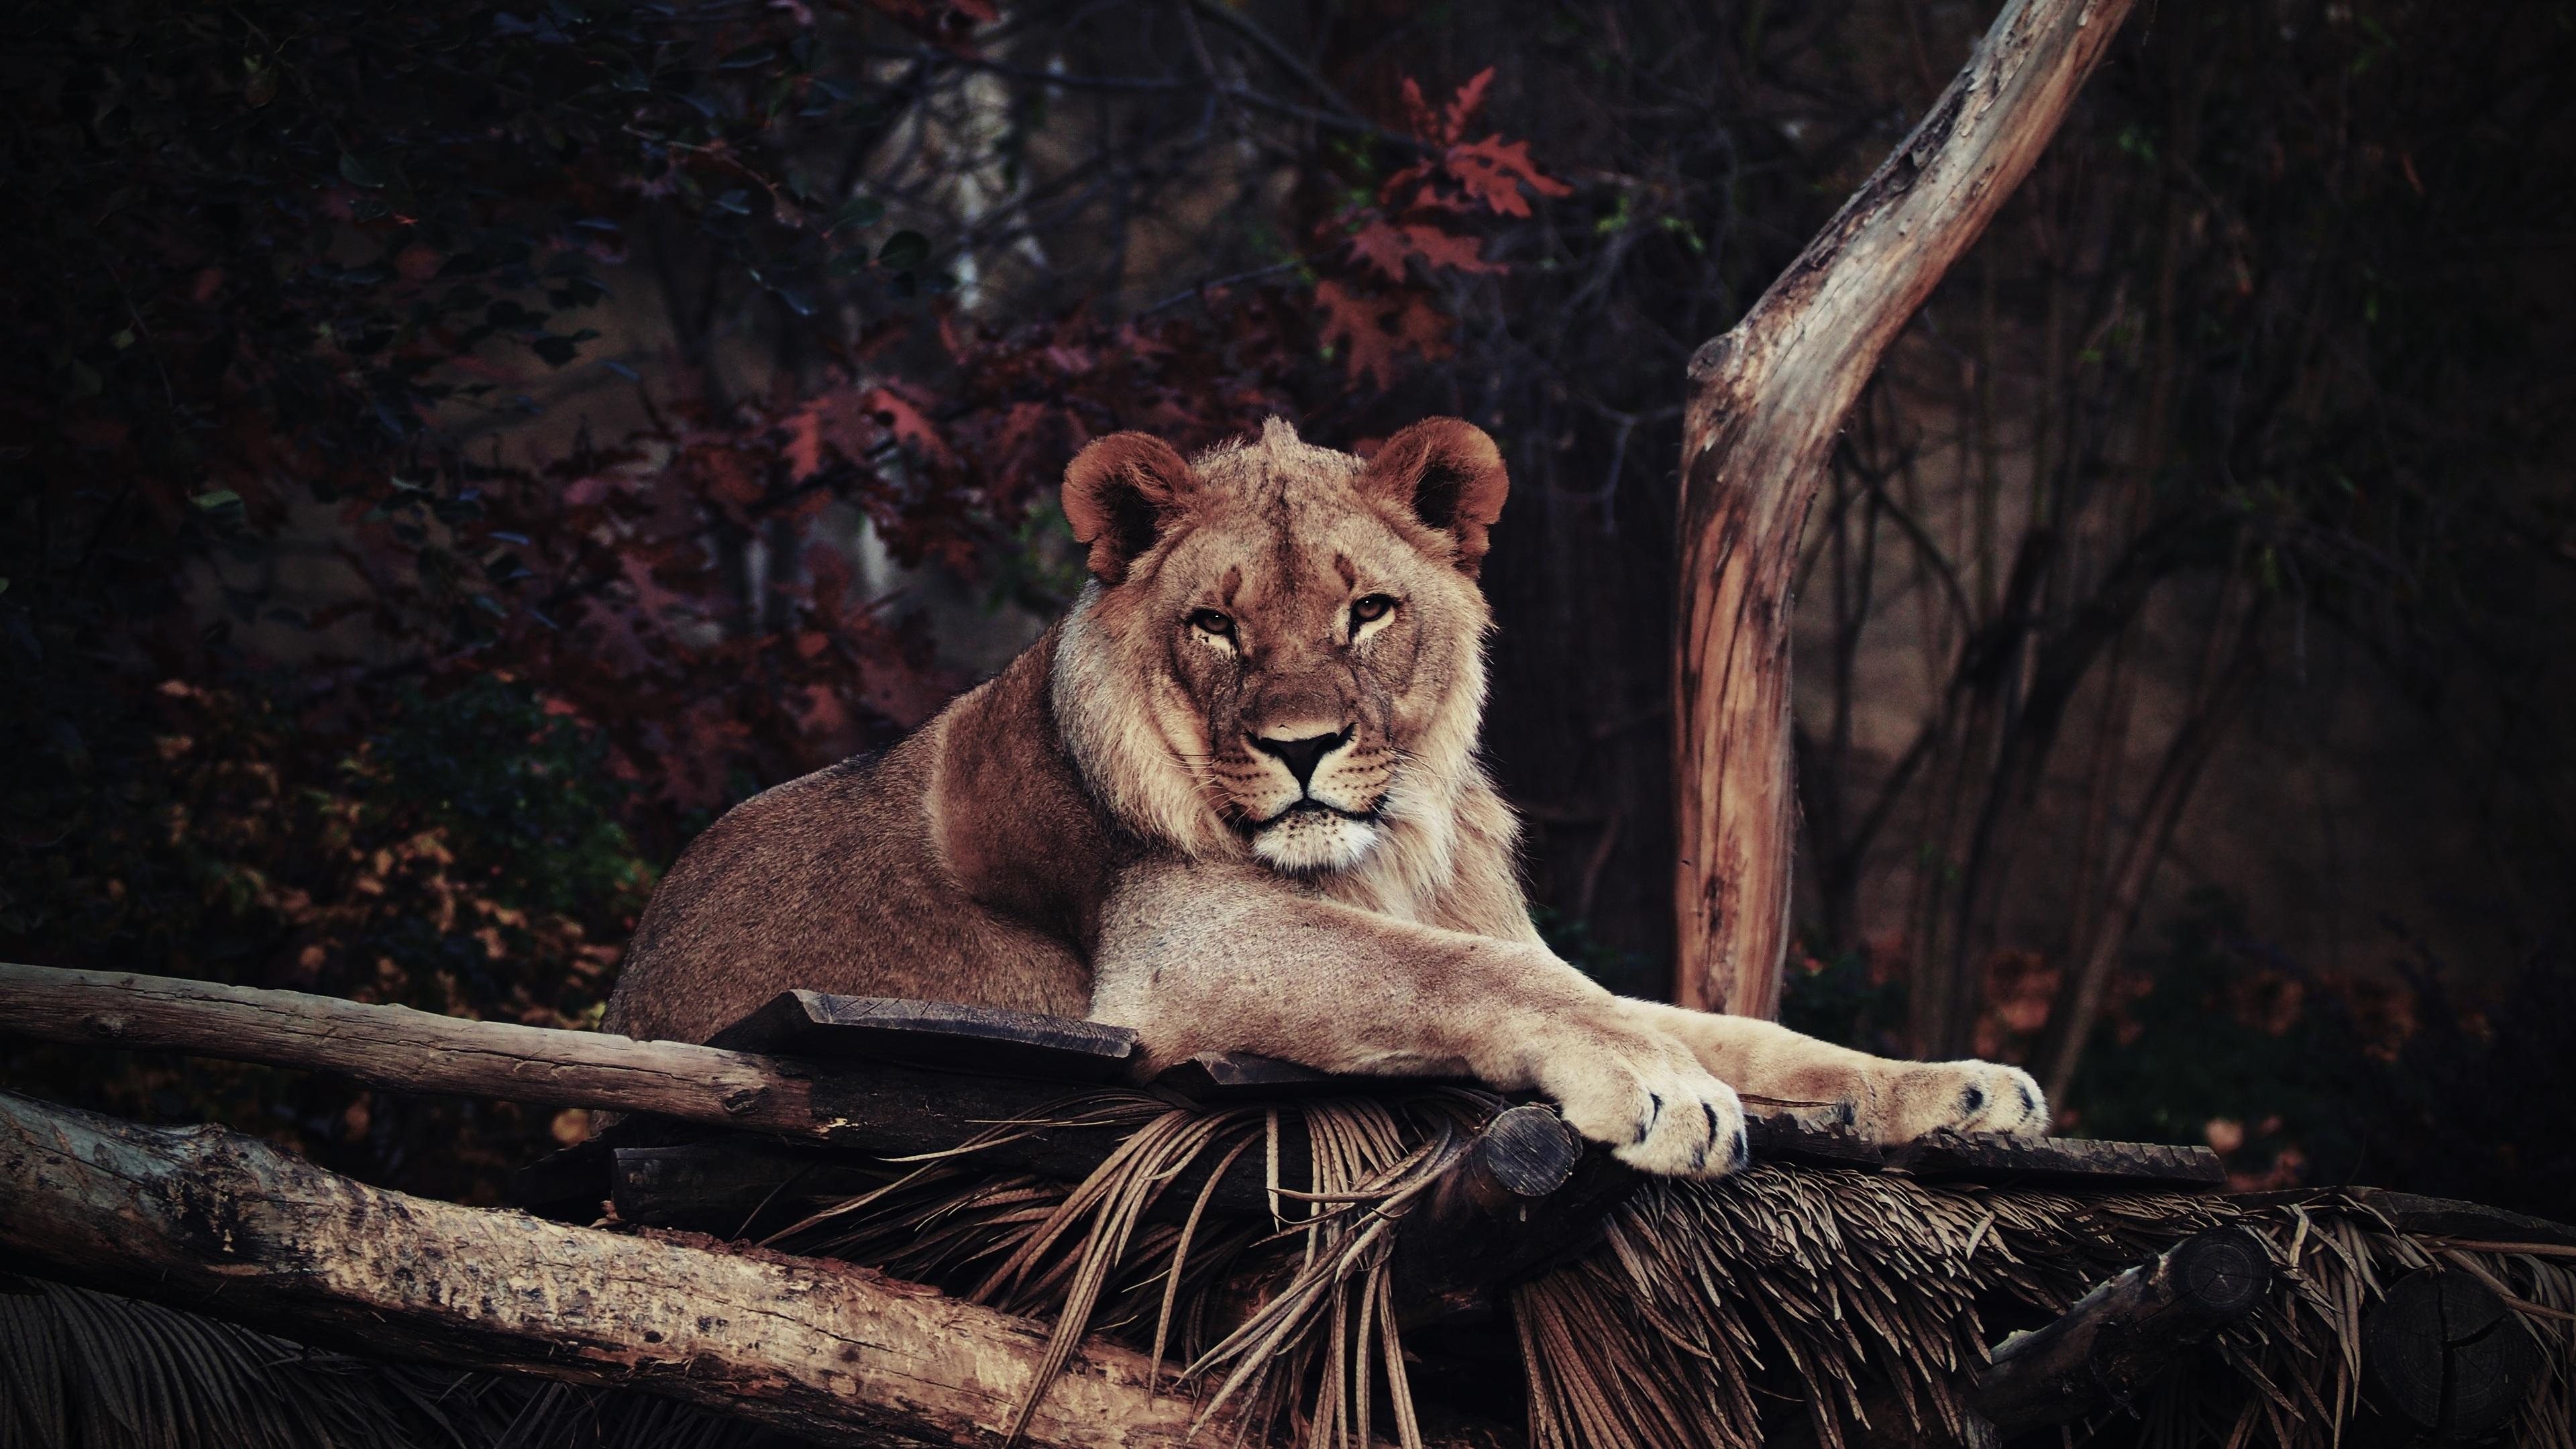 lion in zoo 4k 1542238887 - Lion In Zoo 4k - lion wallpapers, hd-wallpapers, animals wallpapers, 4k-wallpapers